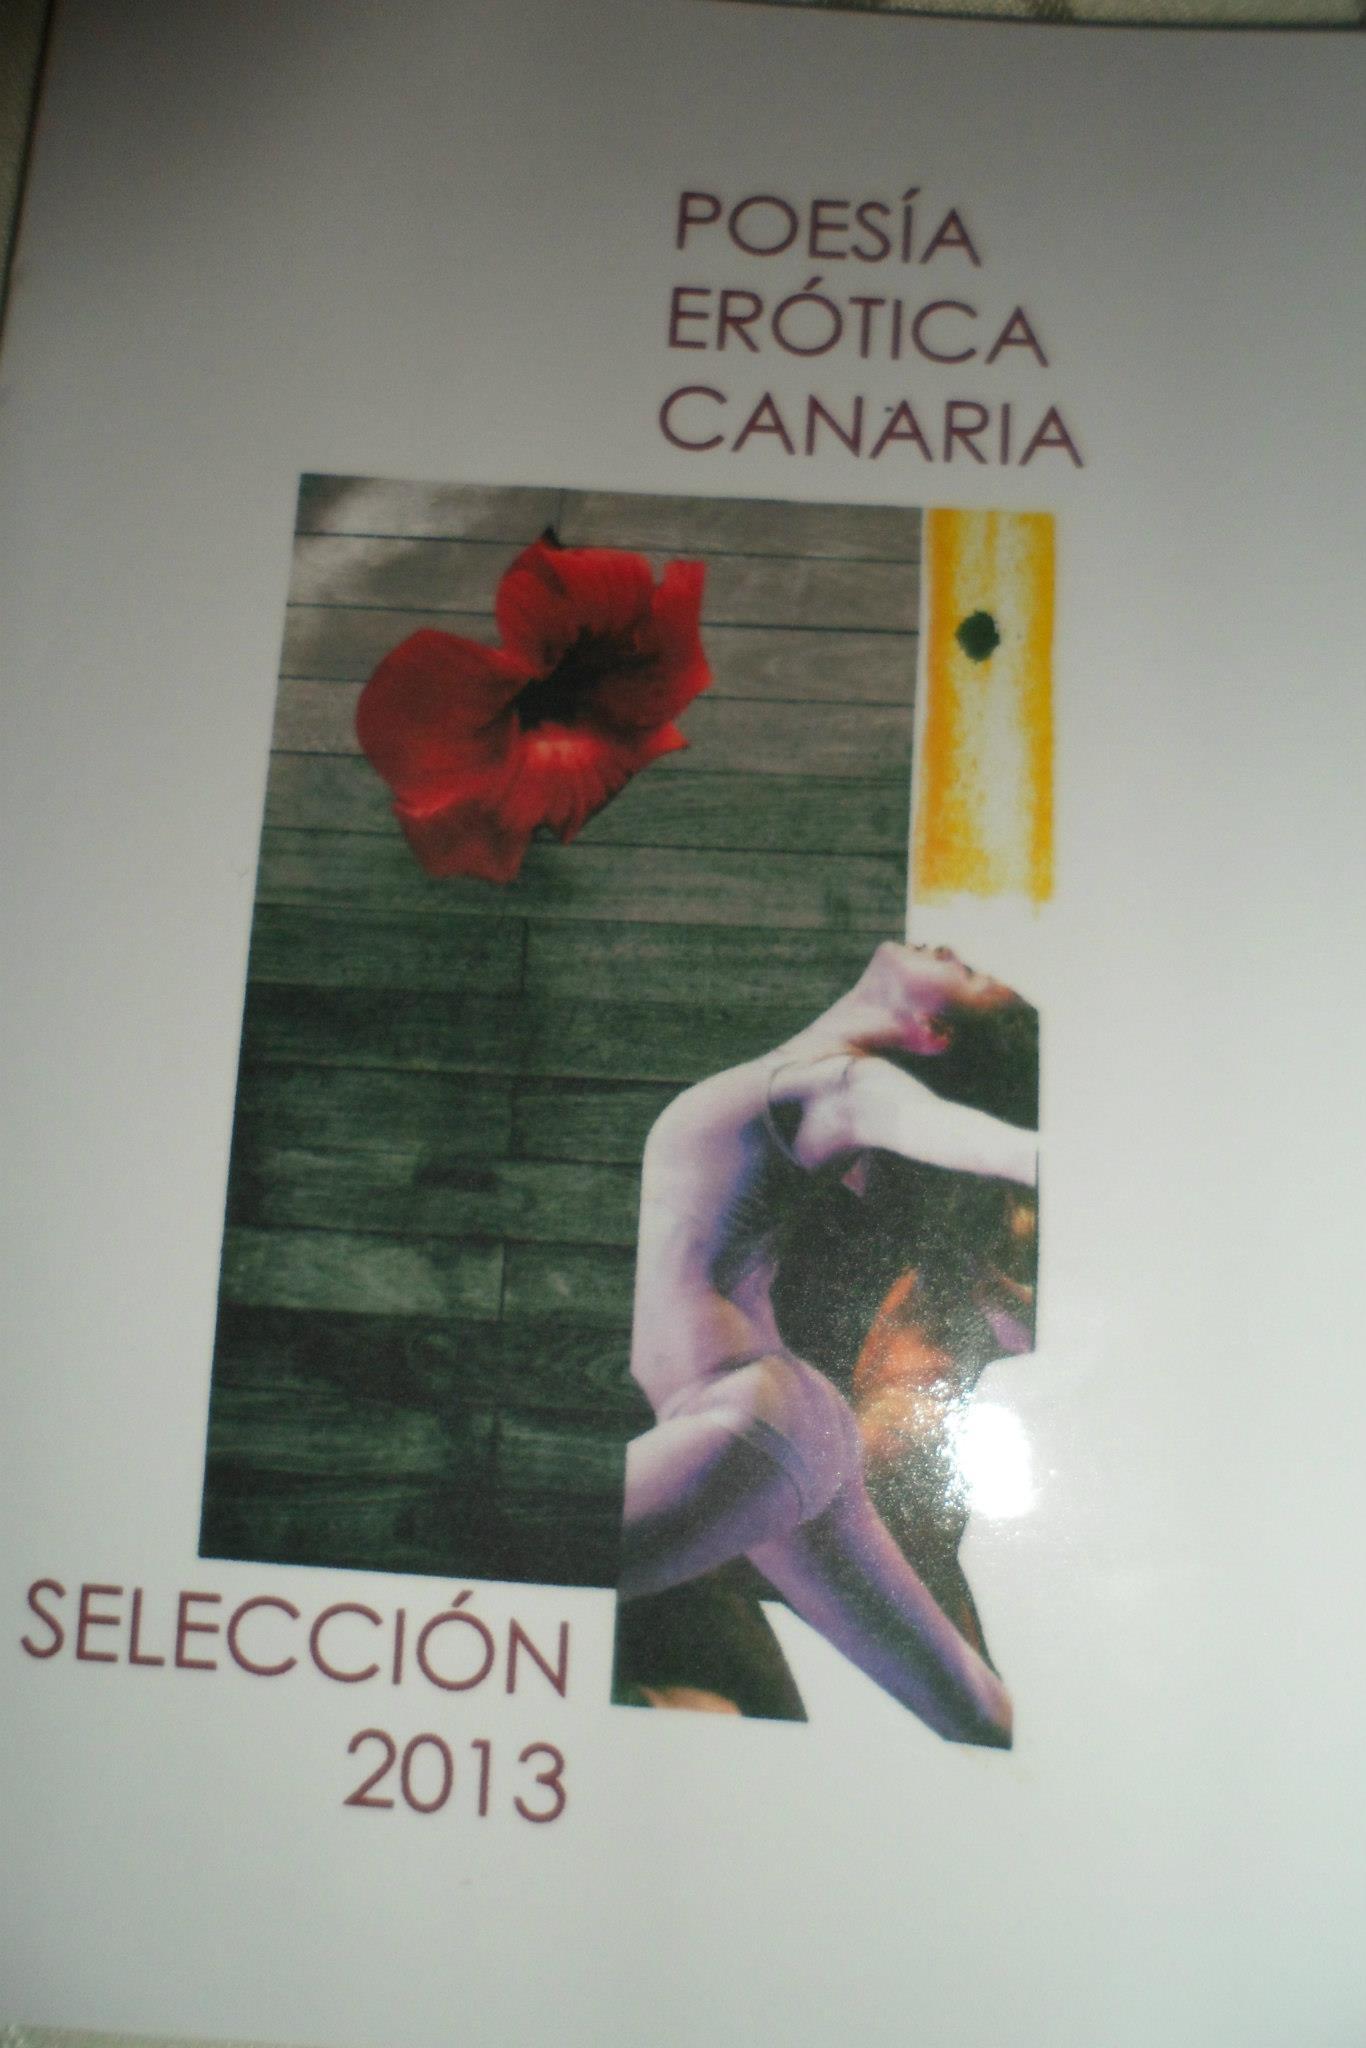 Poesía erótica canaria